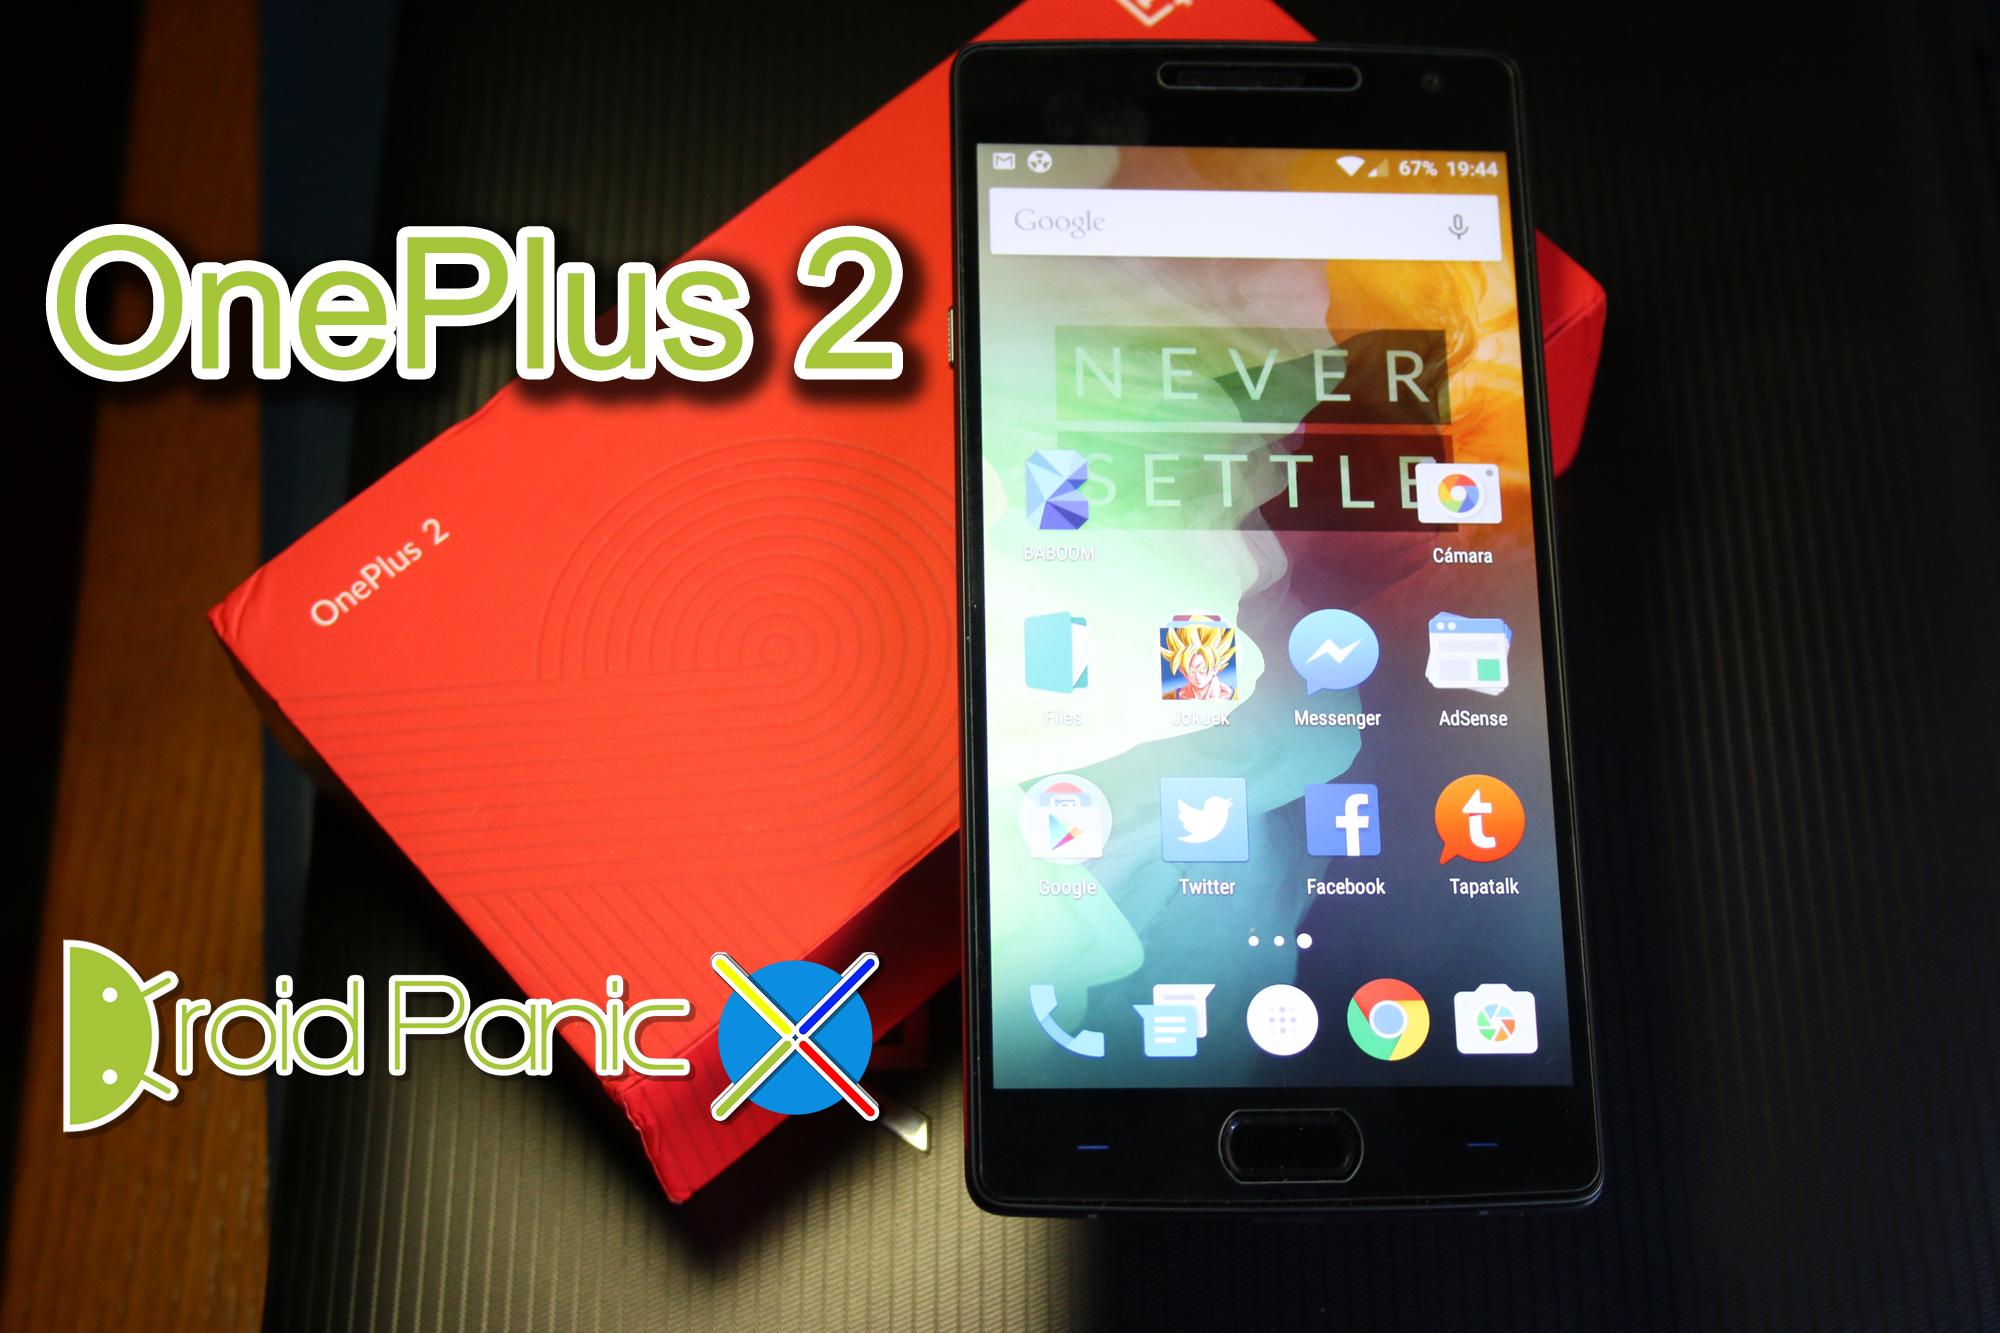 ¿Tienes que reparar tu Xiaomi, OnePlus, Elephone… y no sabes dónde? Aquí tenemos la respuesta